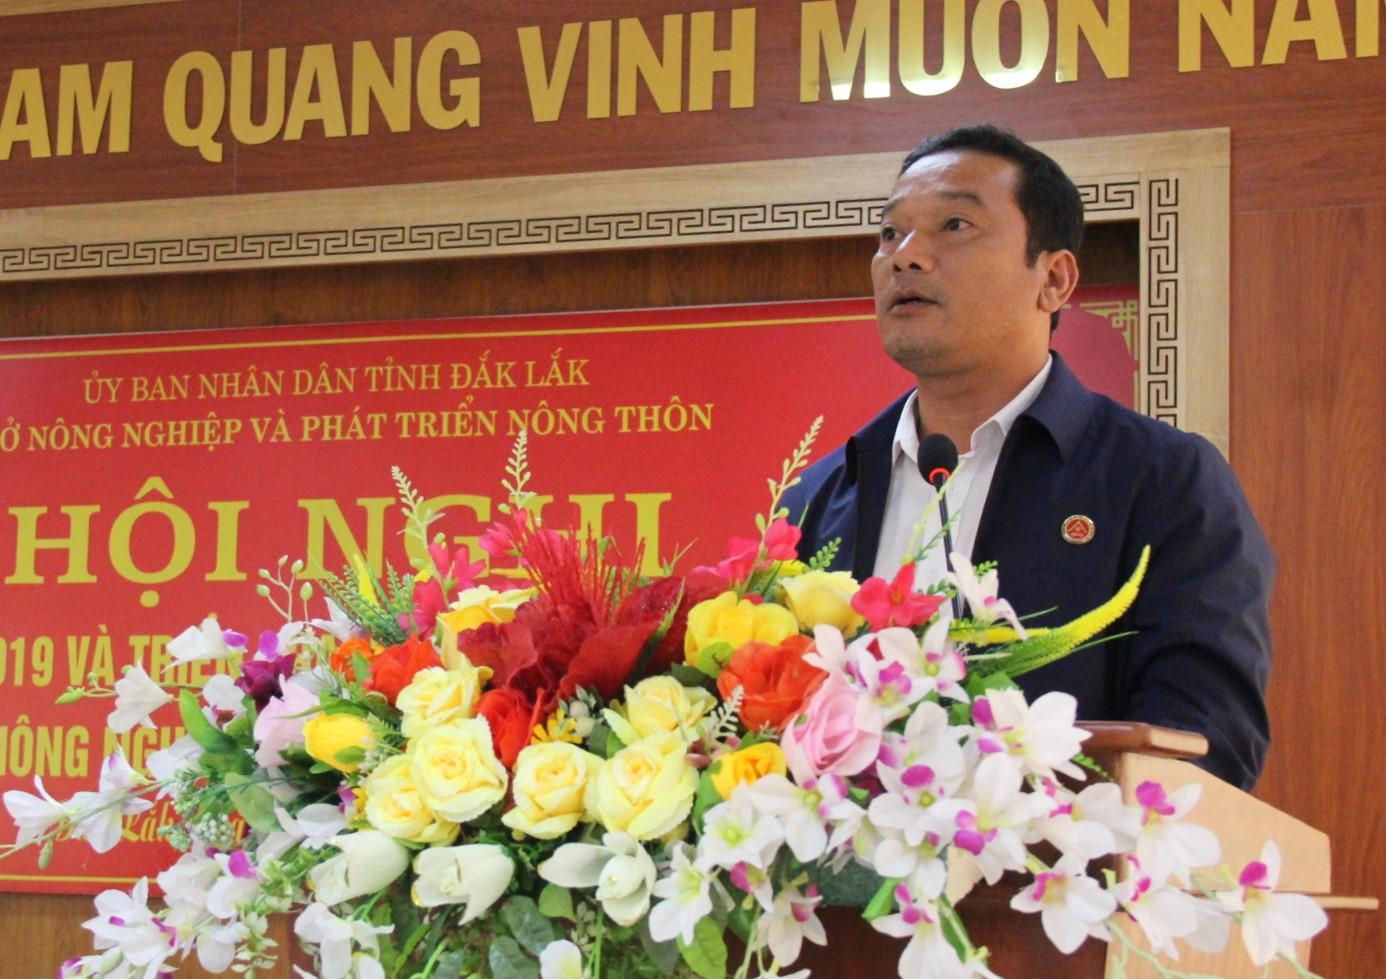 Thông báo kết luận của đồng chí Y Giang Gry Niê Knơng, Phó Chủ tịch UBND tỉnh tại Hội nghị tổng kết năm 2019 và triển khai nhiệm vụ năm 2020 ngành Nông nghiệp và Phát triển nông thôn